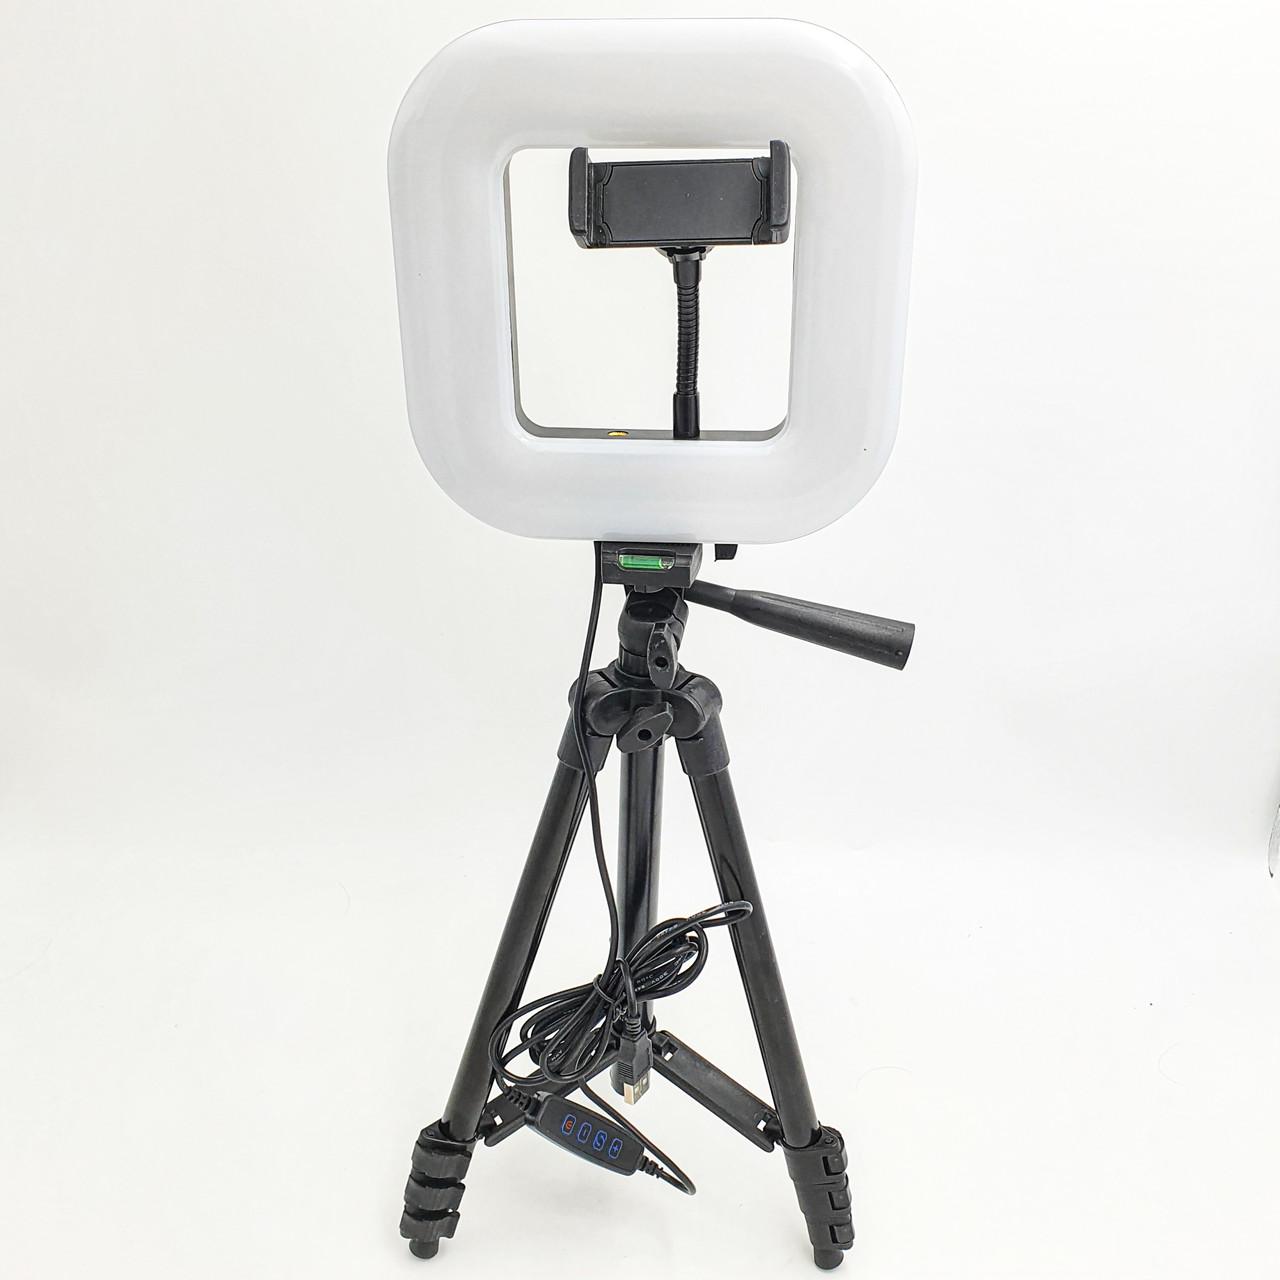 Набір блогера 2в1 квадратна LED лампа 18 см 12W з тримачем телефону і штатив 102 см селфи кільце регулювання яскравості і температури світіння D21